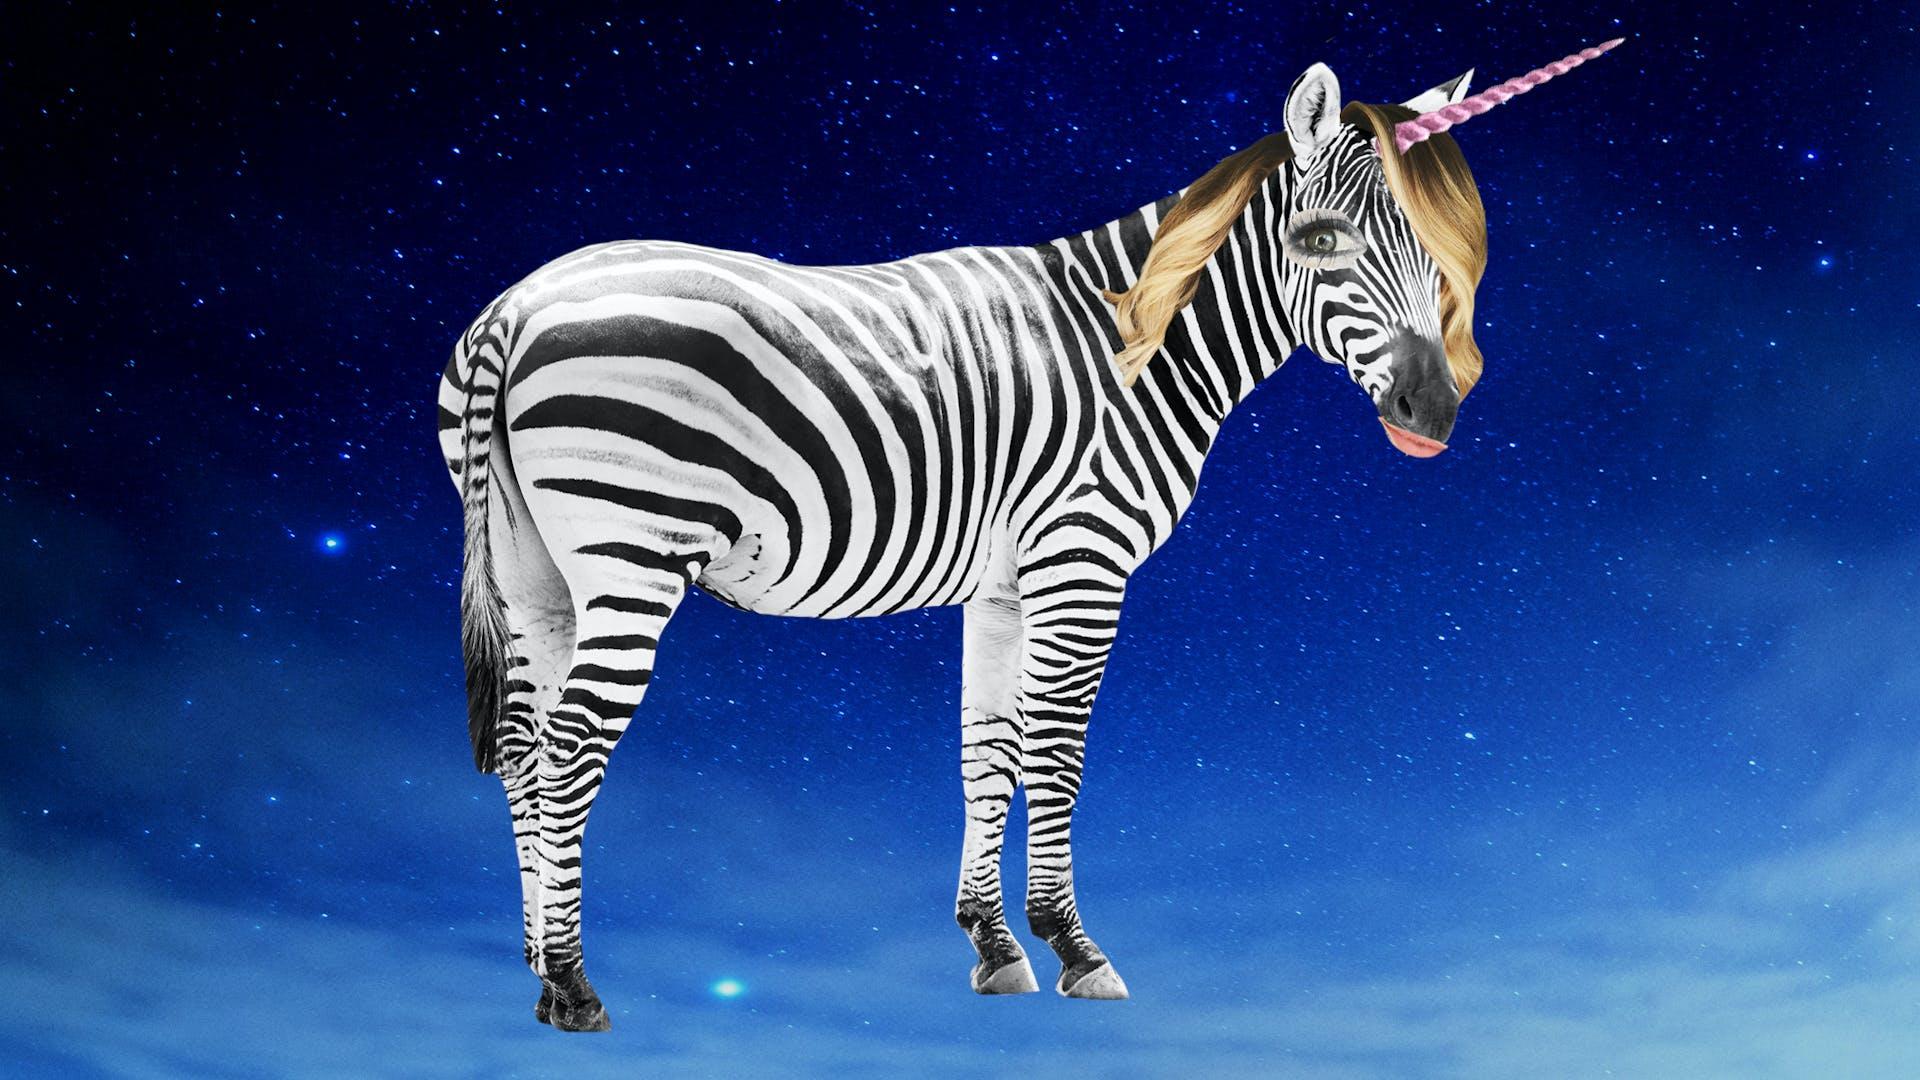 Zoella as a unicorn